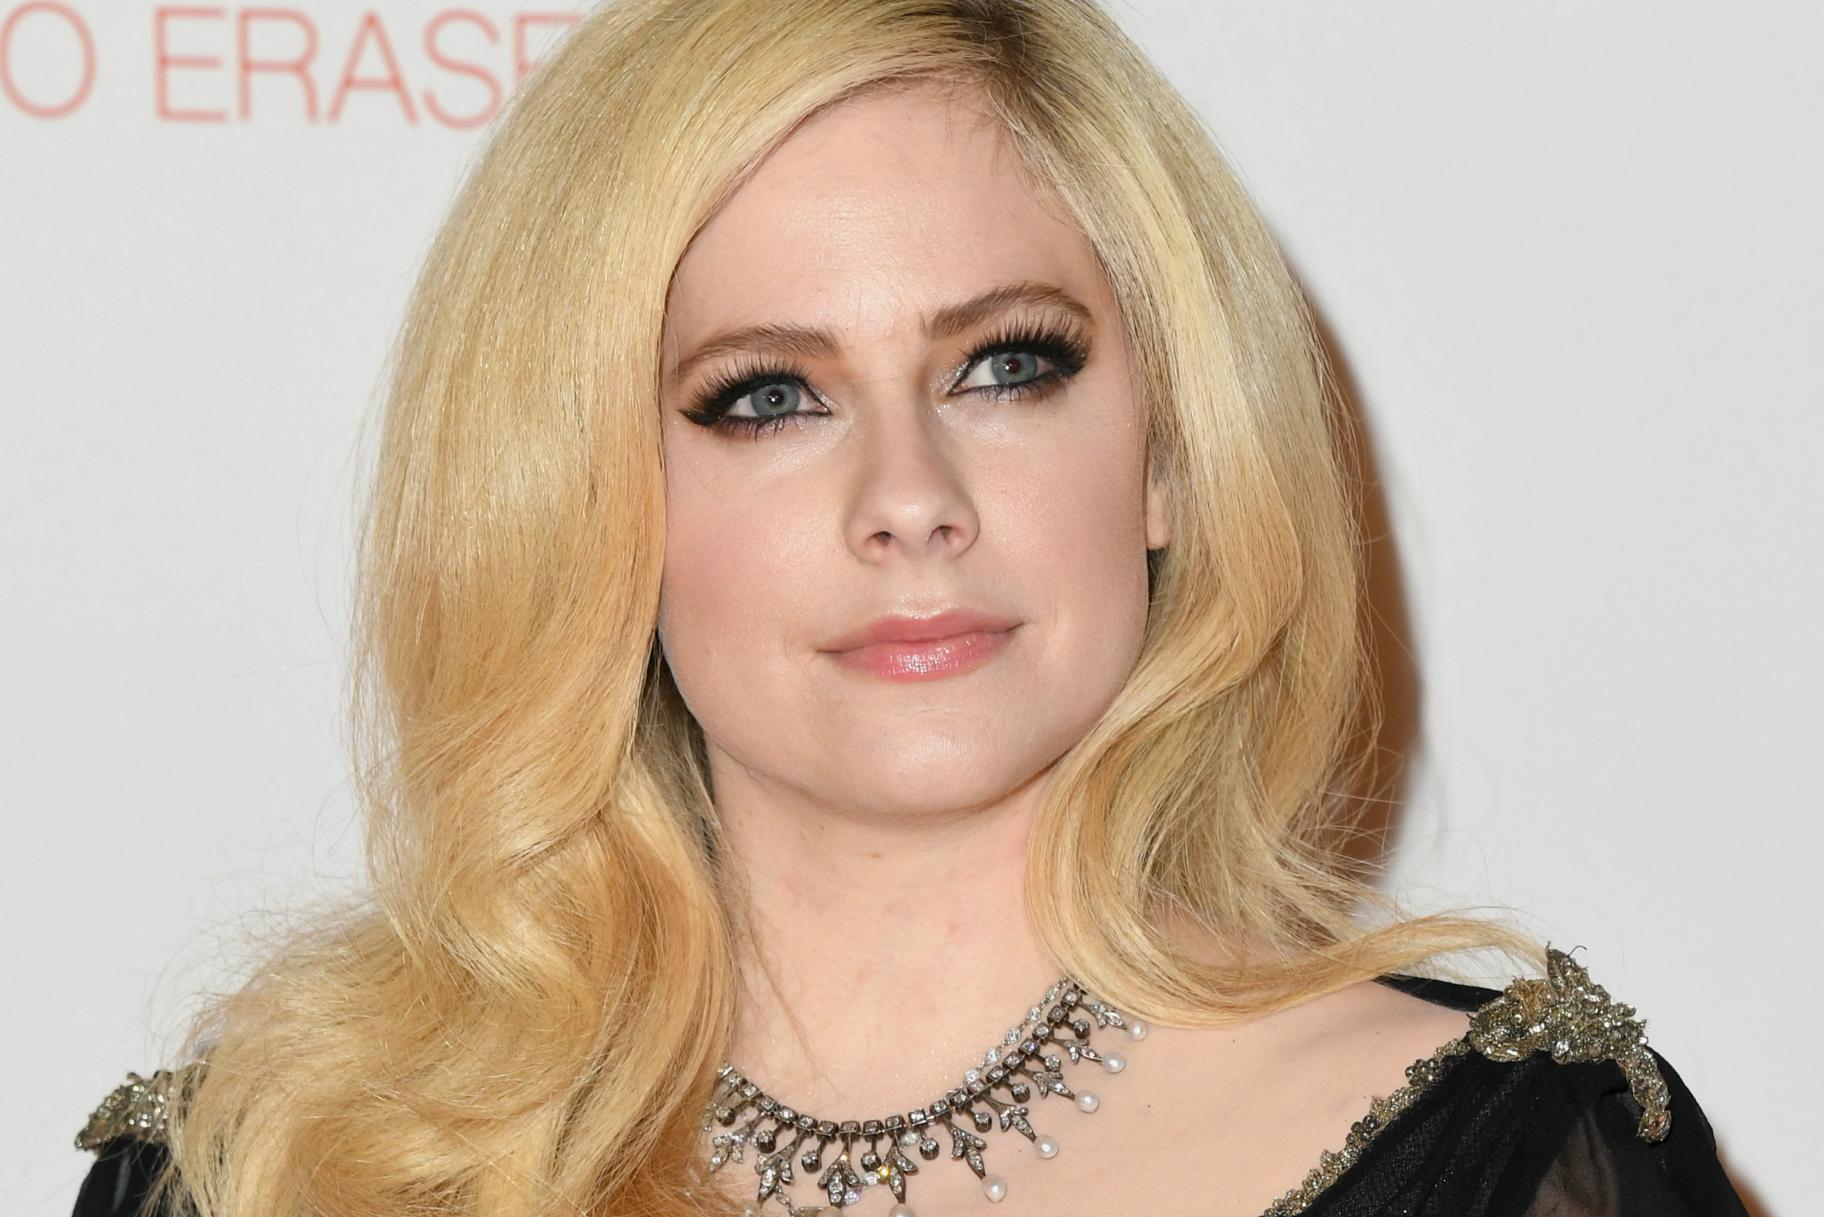 Είναι ο Avril Lavigne νεκρός ή ένας απατεώνας; Κόλαση Όχι, Φαίνεται πανέμορφη στην πρώτη της εμφάνιση σε 2 χρόνια